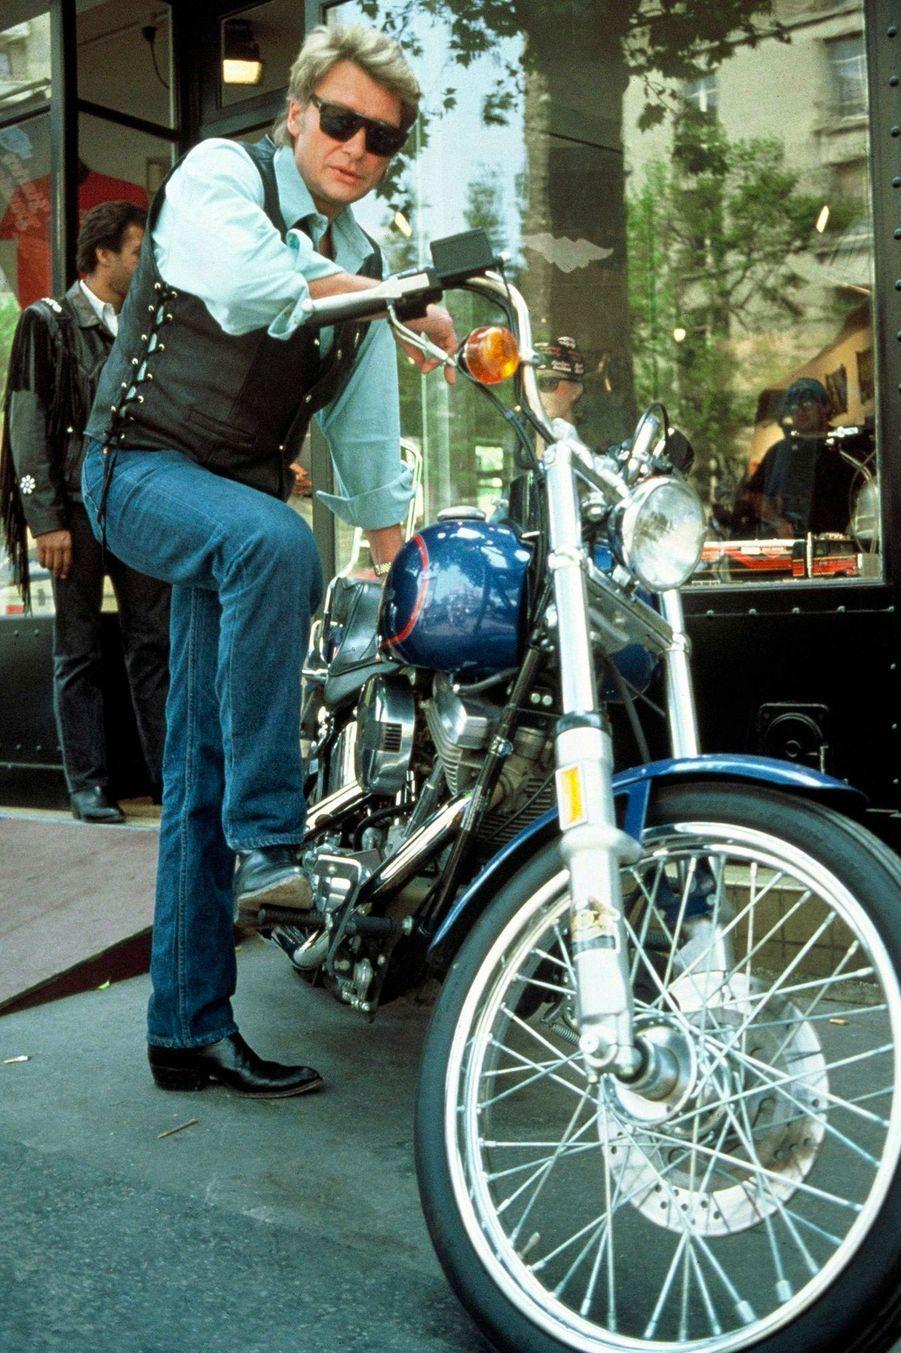 Johnny Hallyday achète une moto Harley Davidson pour son fils David, le 19 mai 1989.